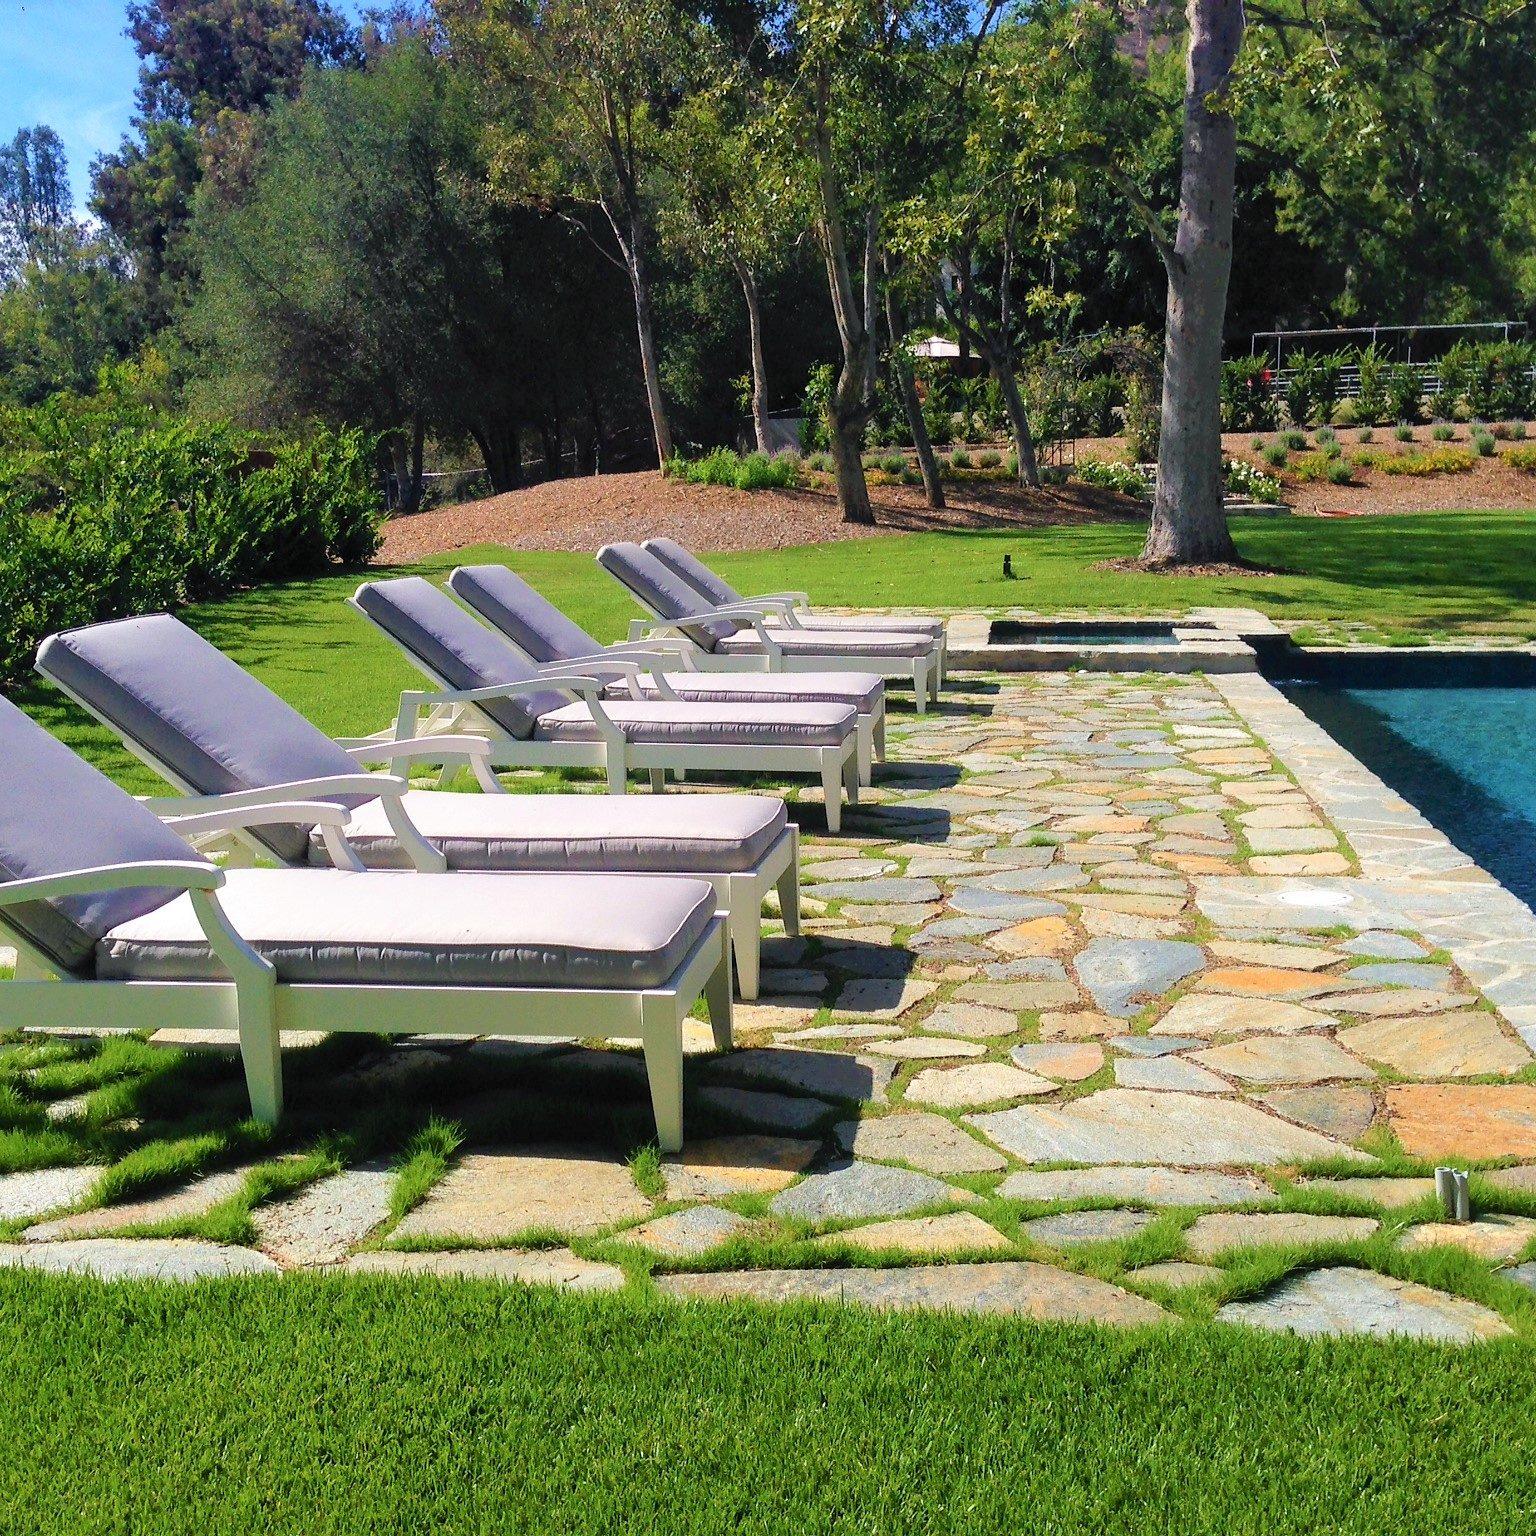 Pasadena, California Landscaping Services